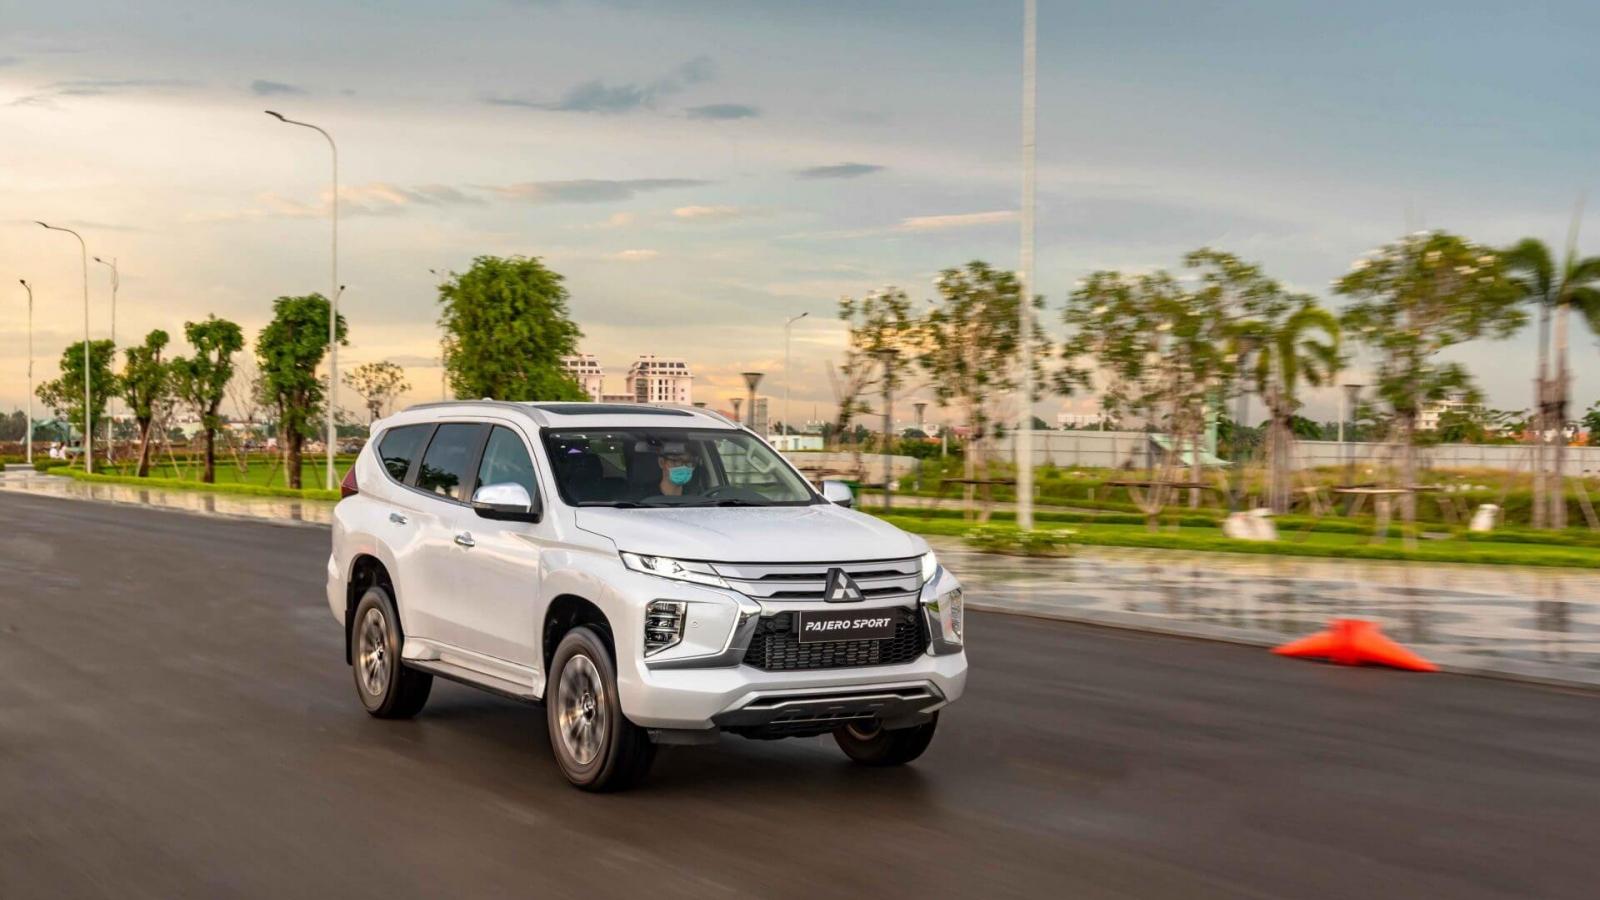 Mua ô tô Mitsubishi nhận hàng loạt ưu đãi tháng 7